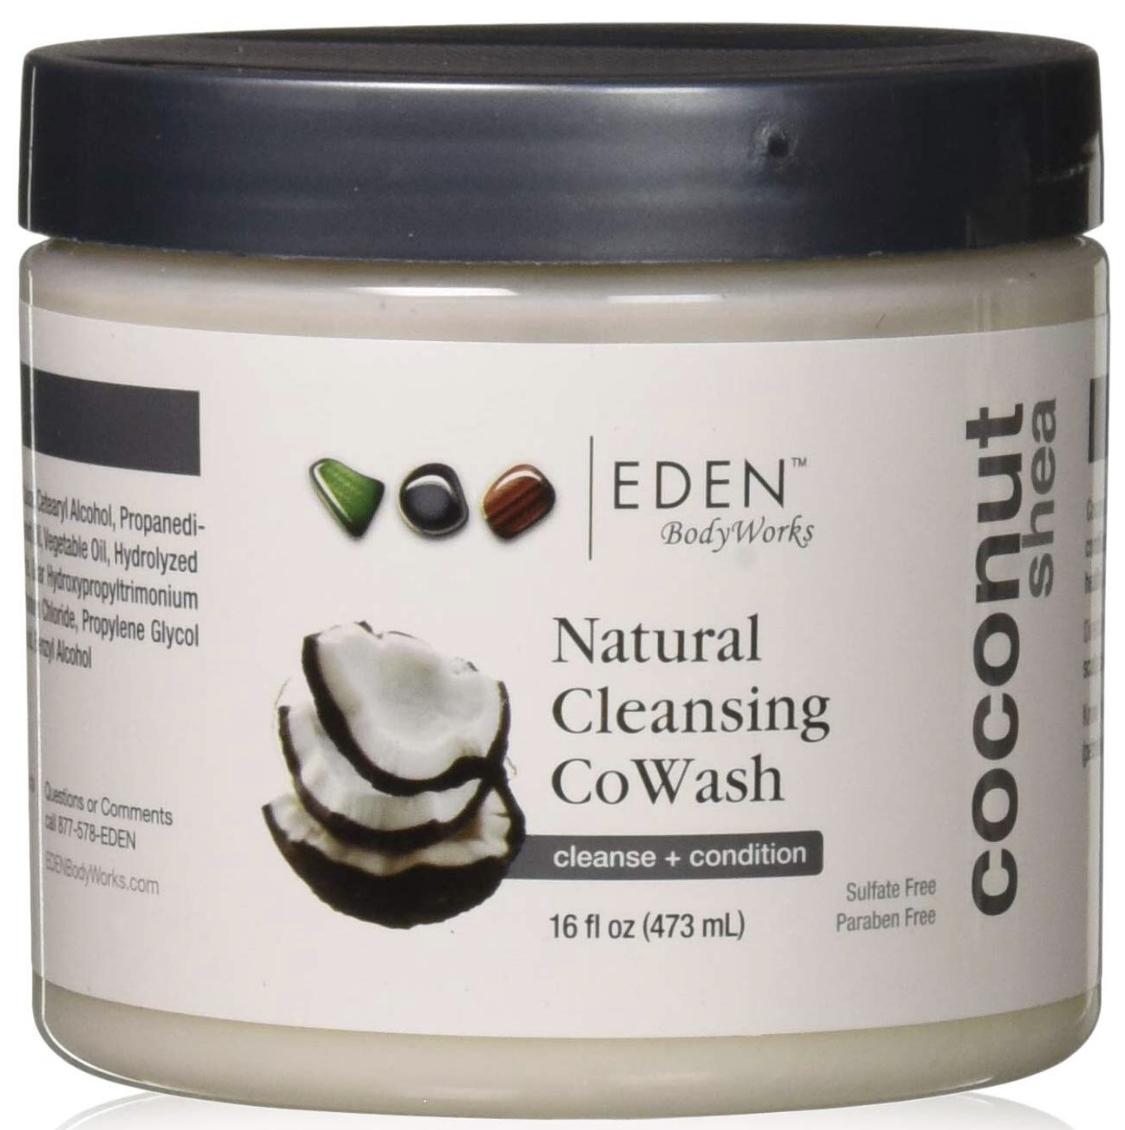 Eden Bodyworks - All natural co-wash